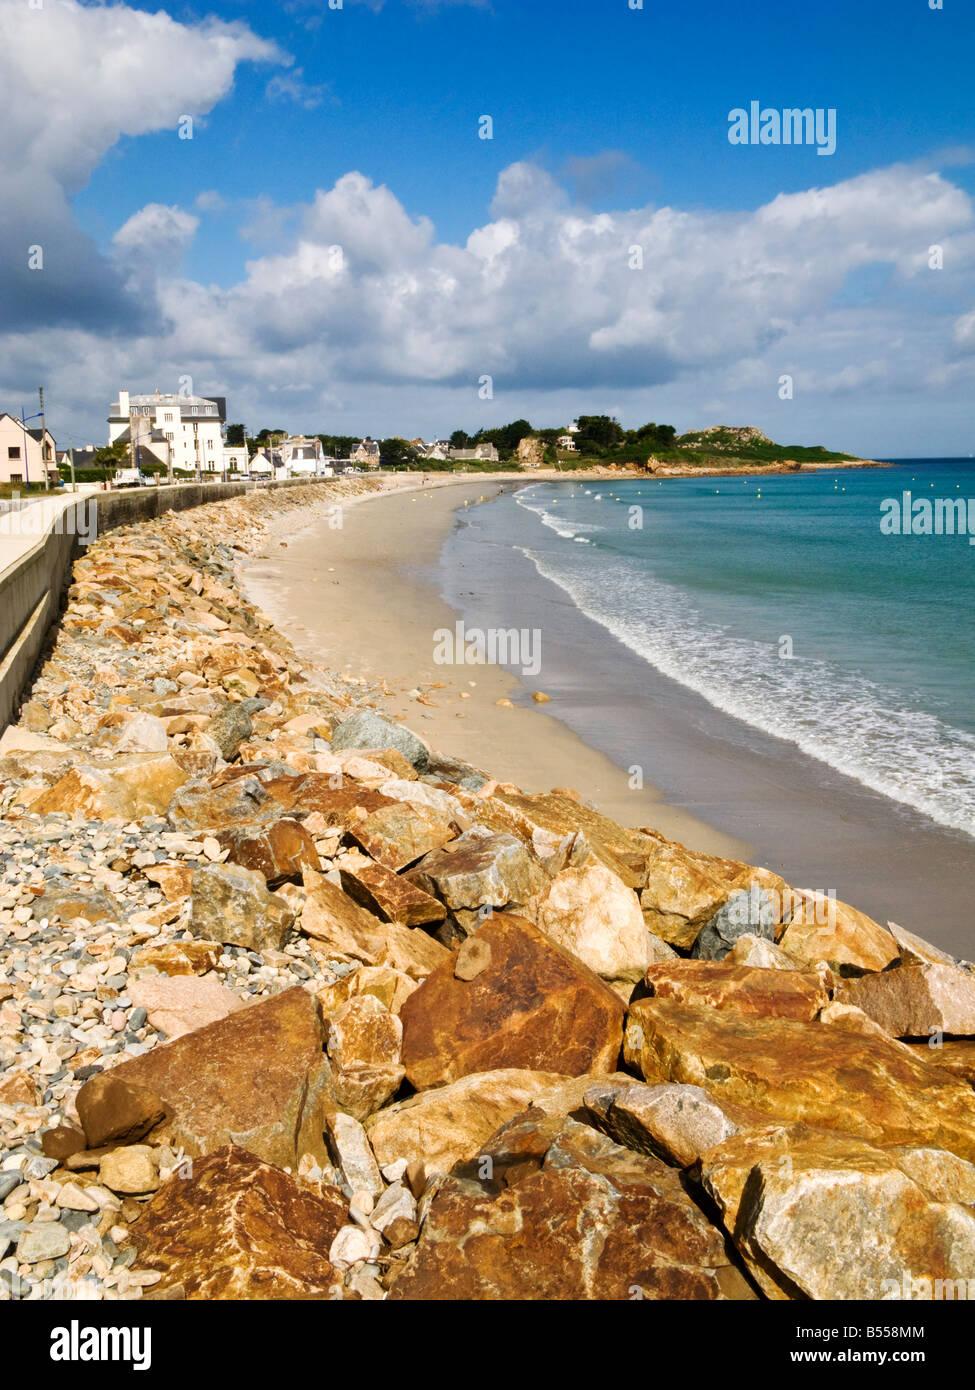 La longue plage d'or à Primel Tregastel sur la côte nord du Finistère, Bretagne, France, Europe Banque D'Images